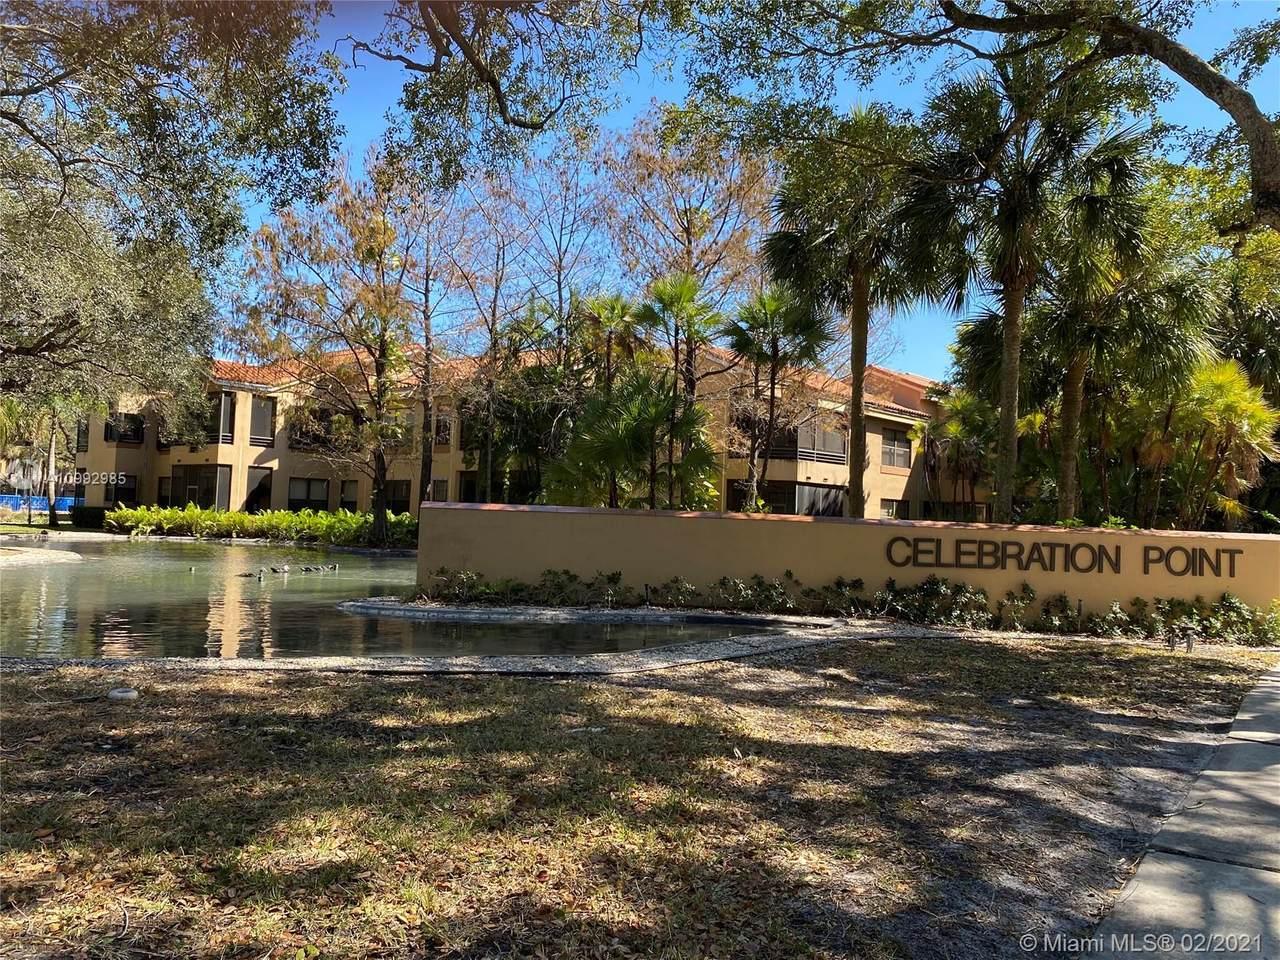 15529 Miami Lakeway N - Photo 1